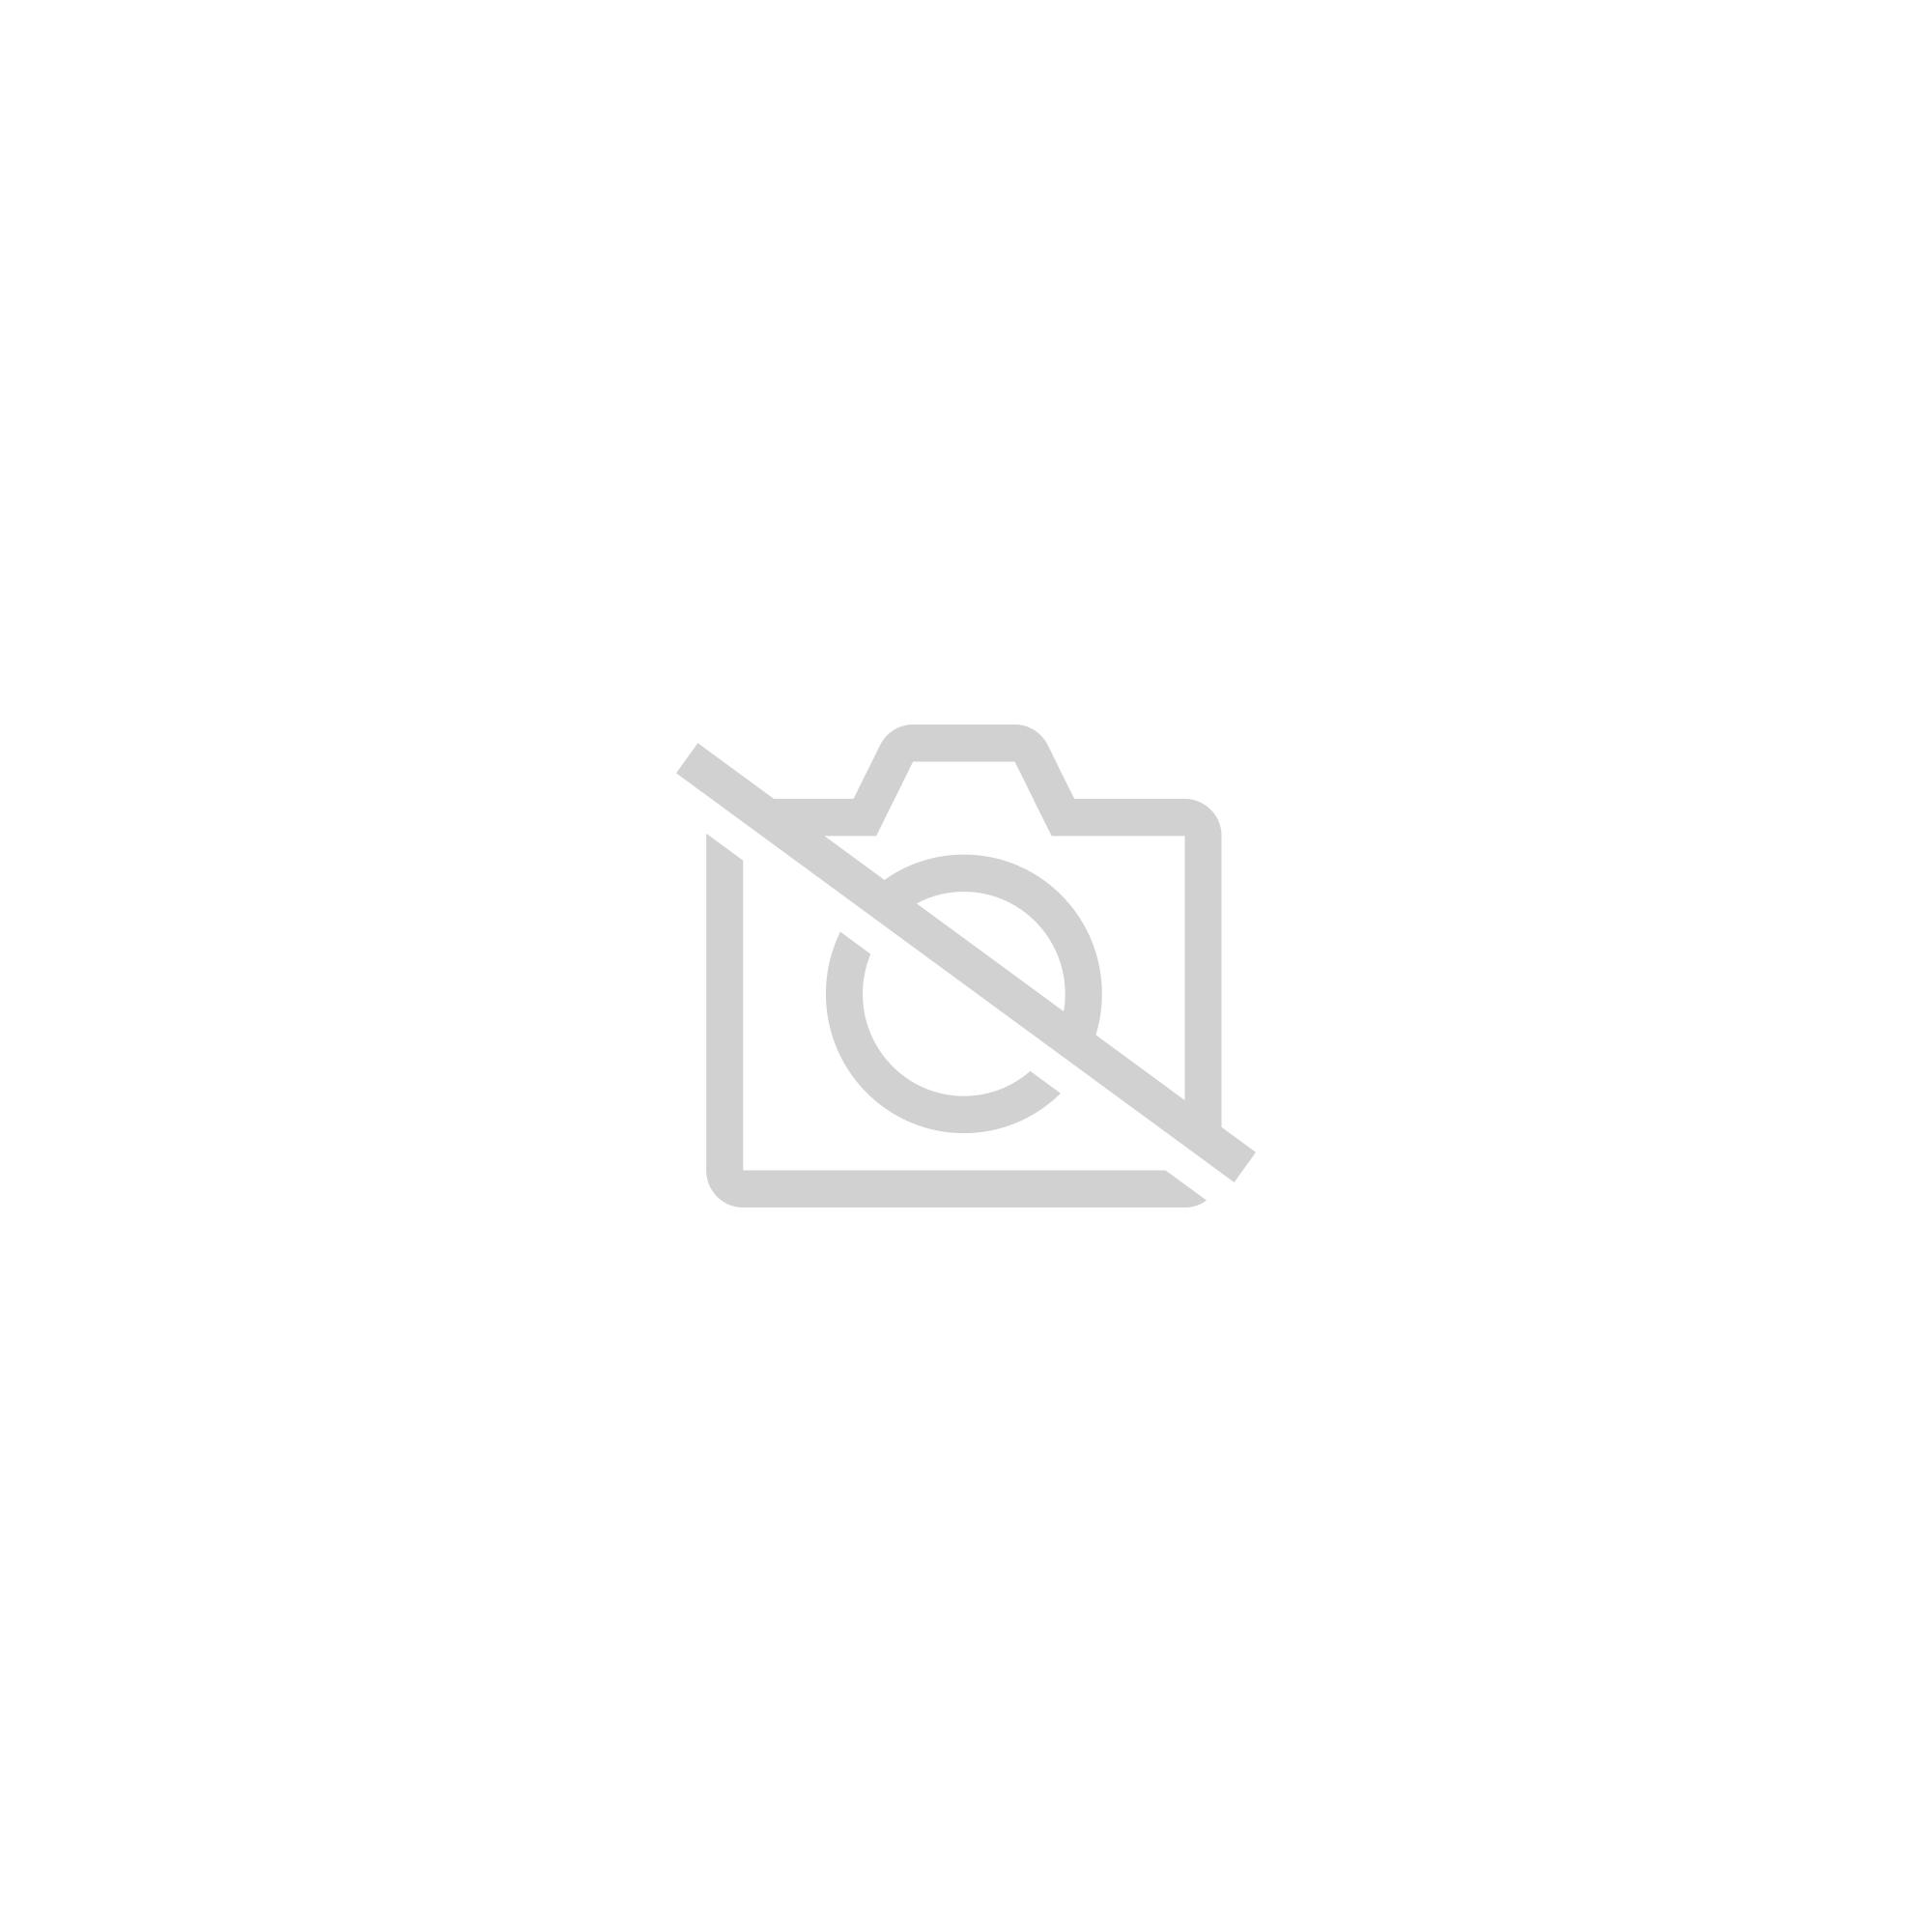 Lotus Elise De Vitesse V98047